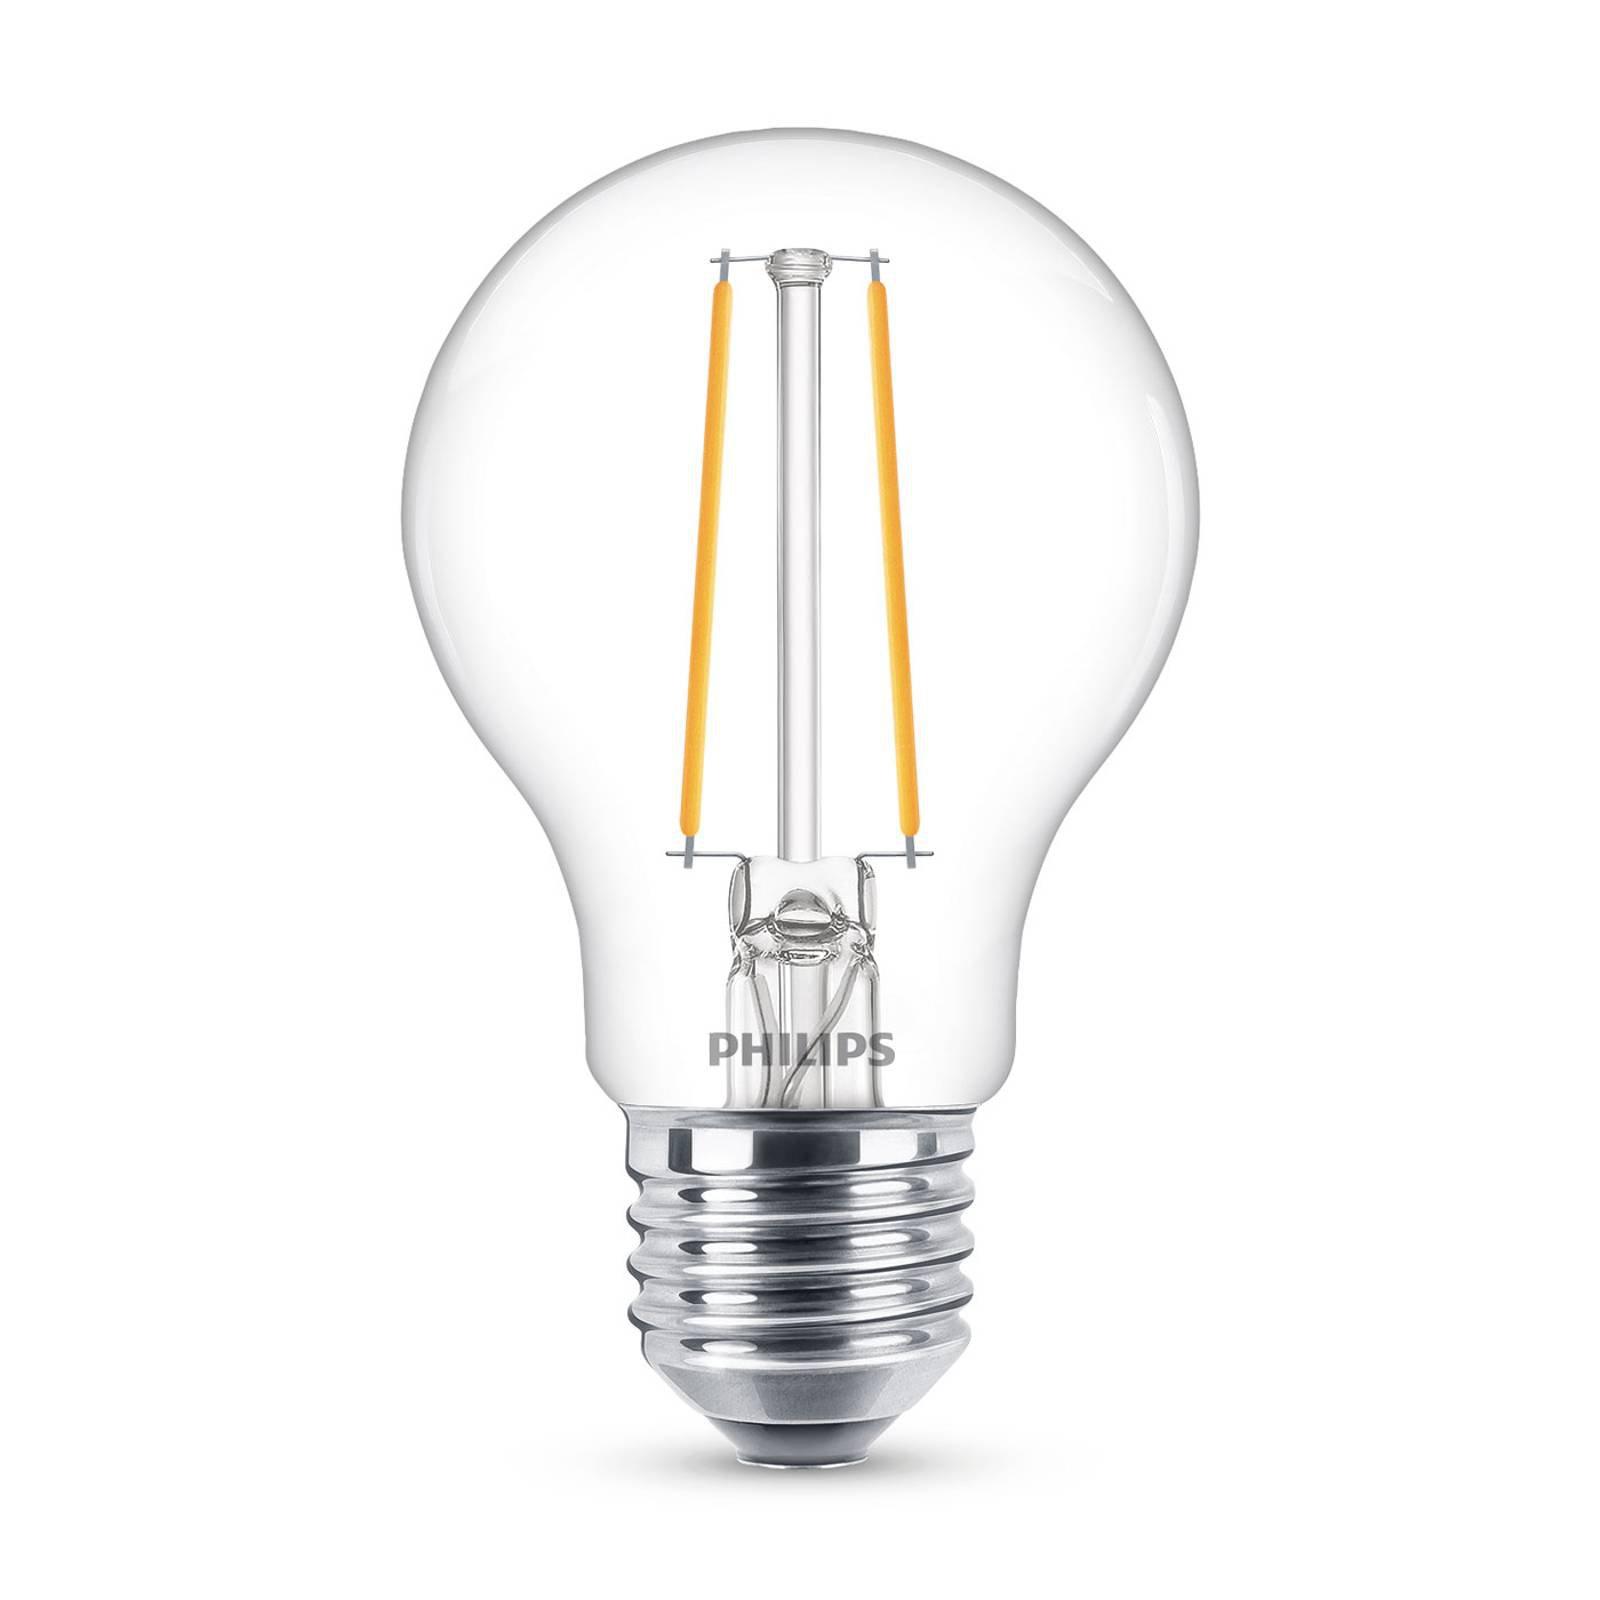 Philips Classic LED-pære E27 A60 1,5W 2 700 K klar